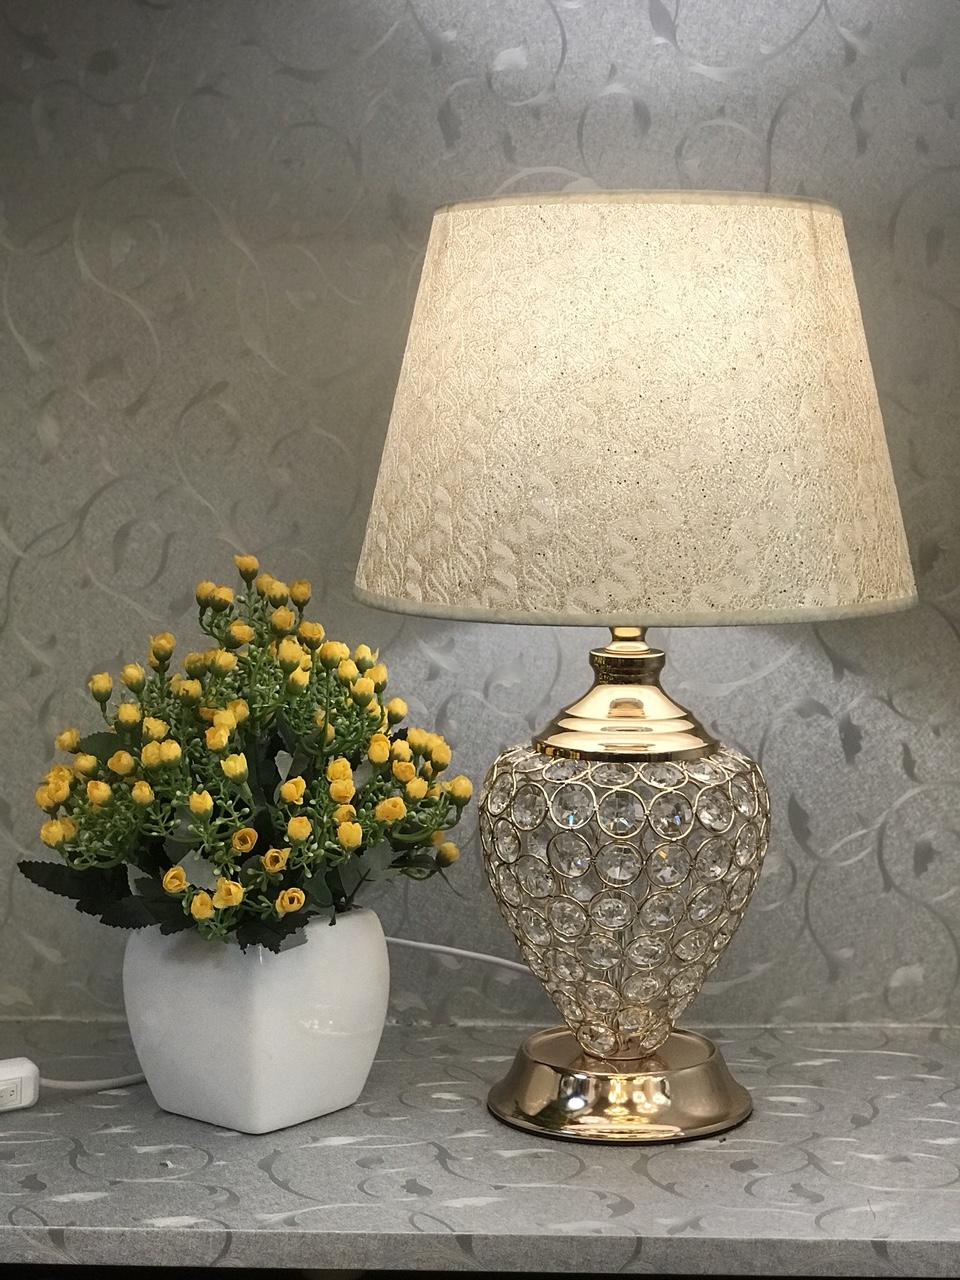 Đèn ngủ - đèn bàn hiện đại - đèn ngủ trang trí phòng khách - đèn bàn nghệ thuật MB8528